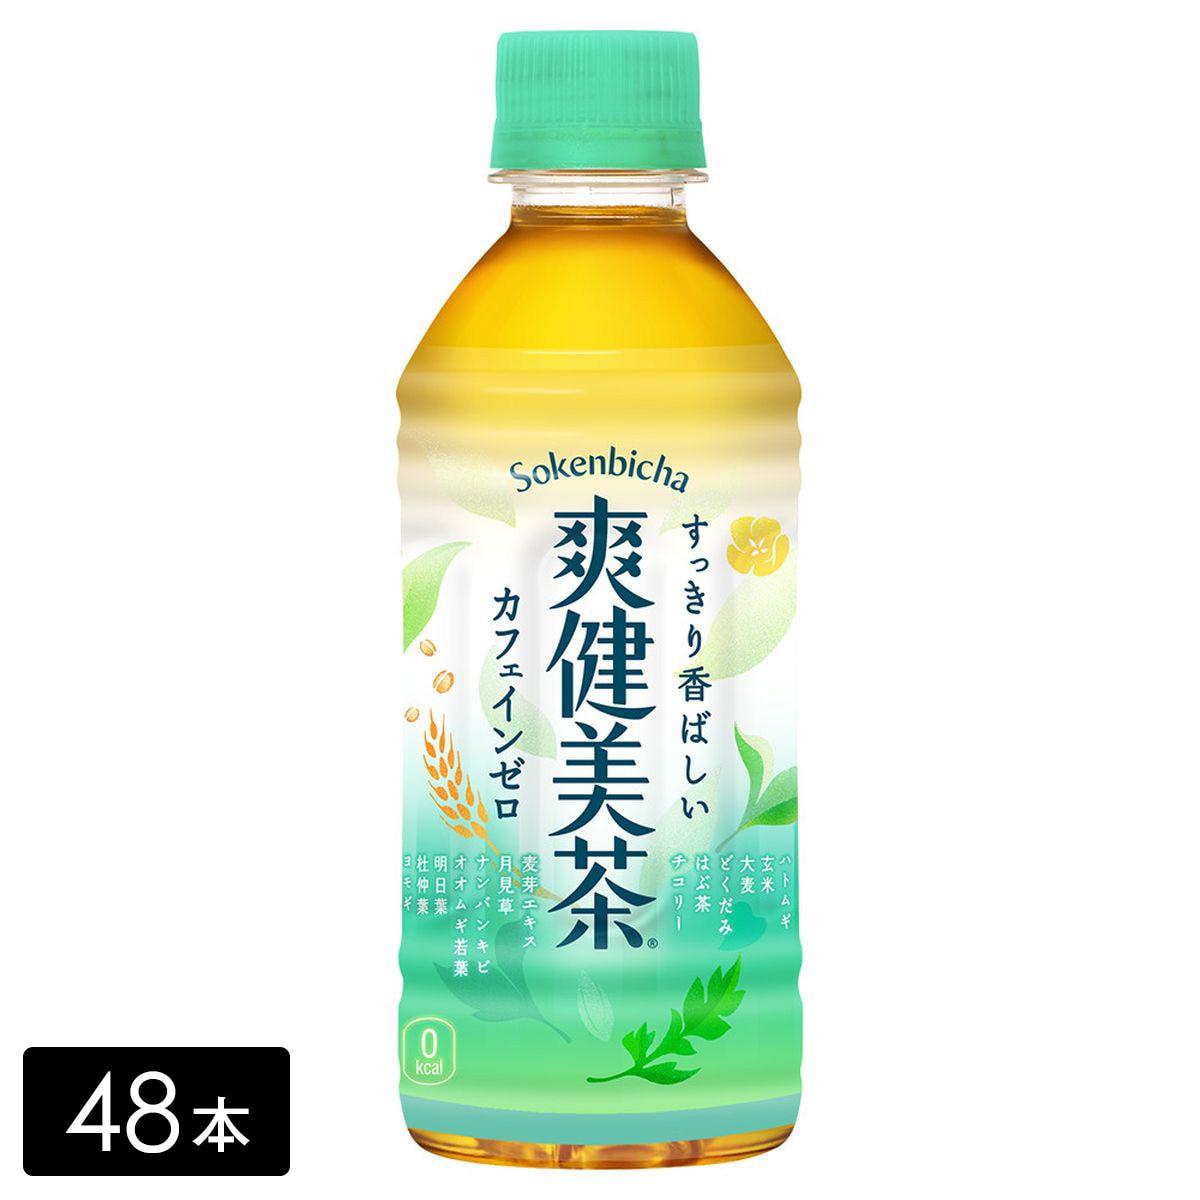 爽健美茶 300mL×48本